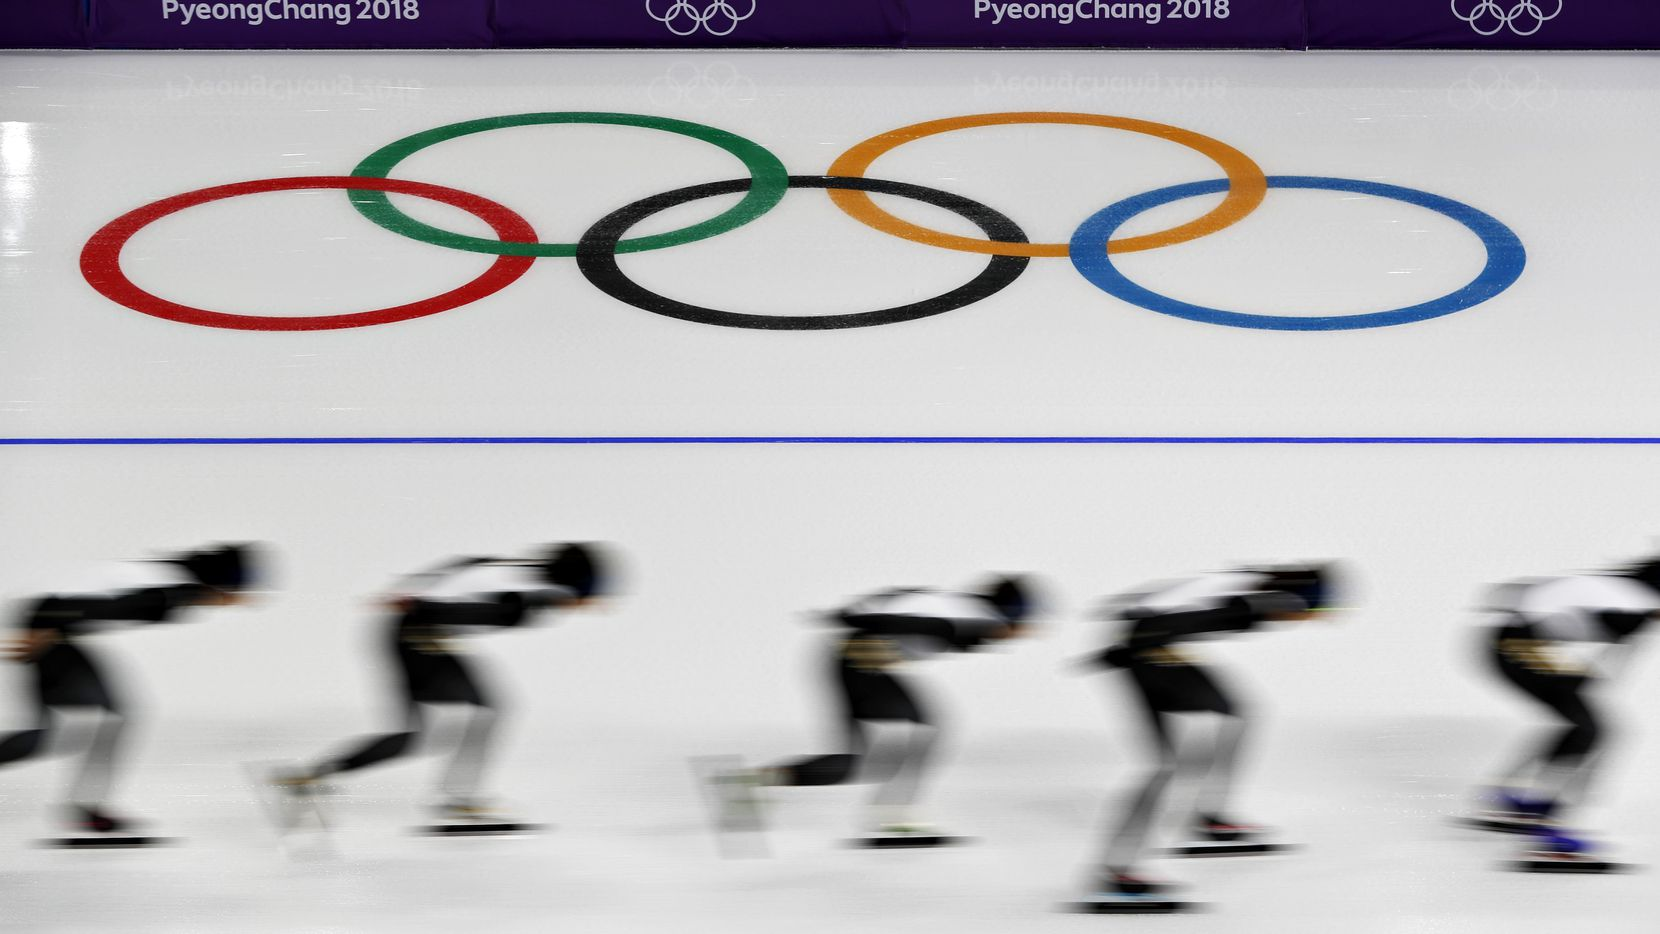 Patinadores de varios países practican en la pista de velocidad previo a las Olimpiadas de PyeongChang, en Corea del Sur.(AP)